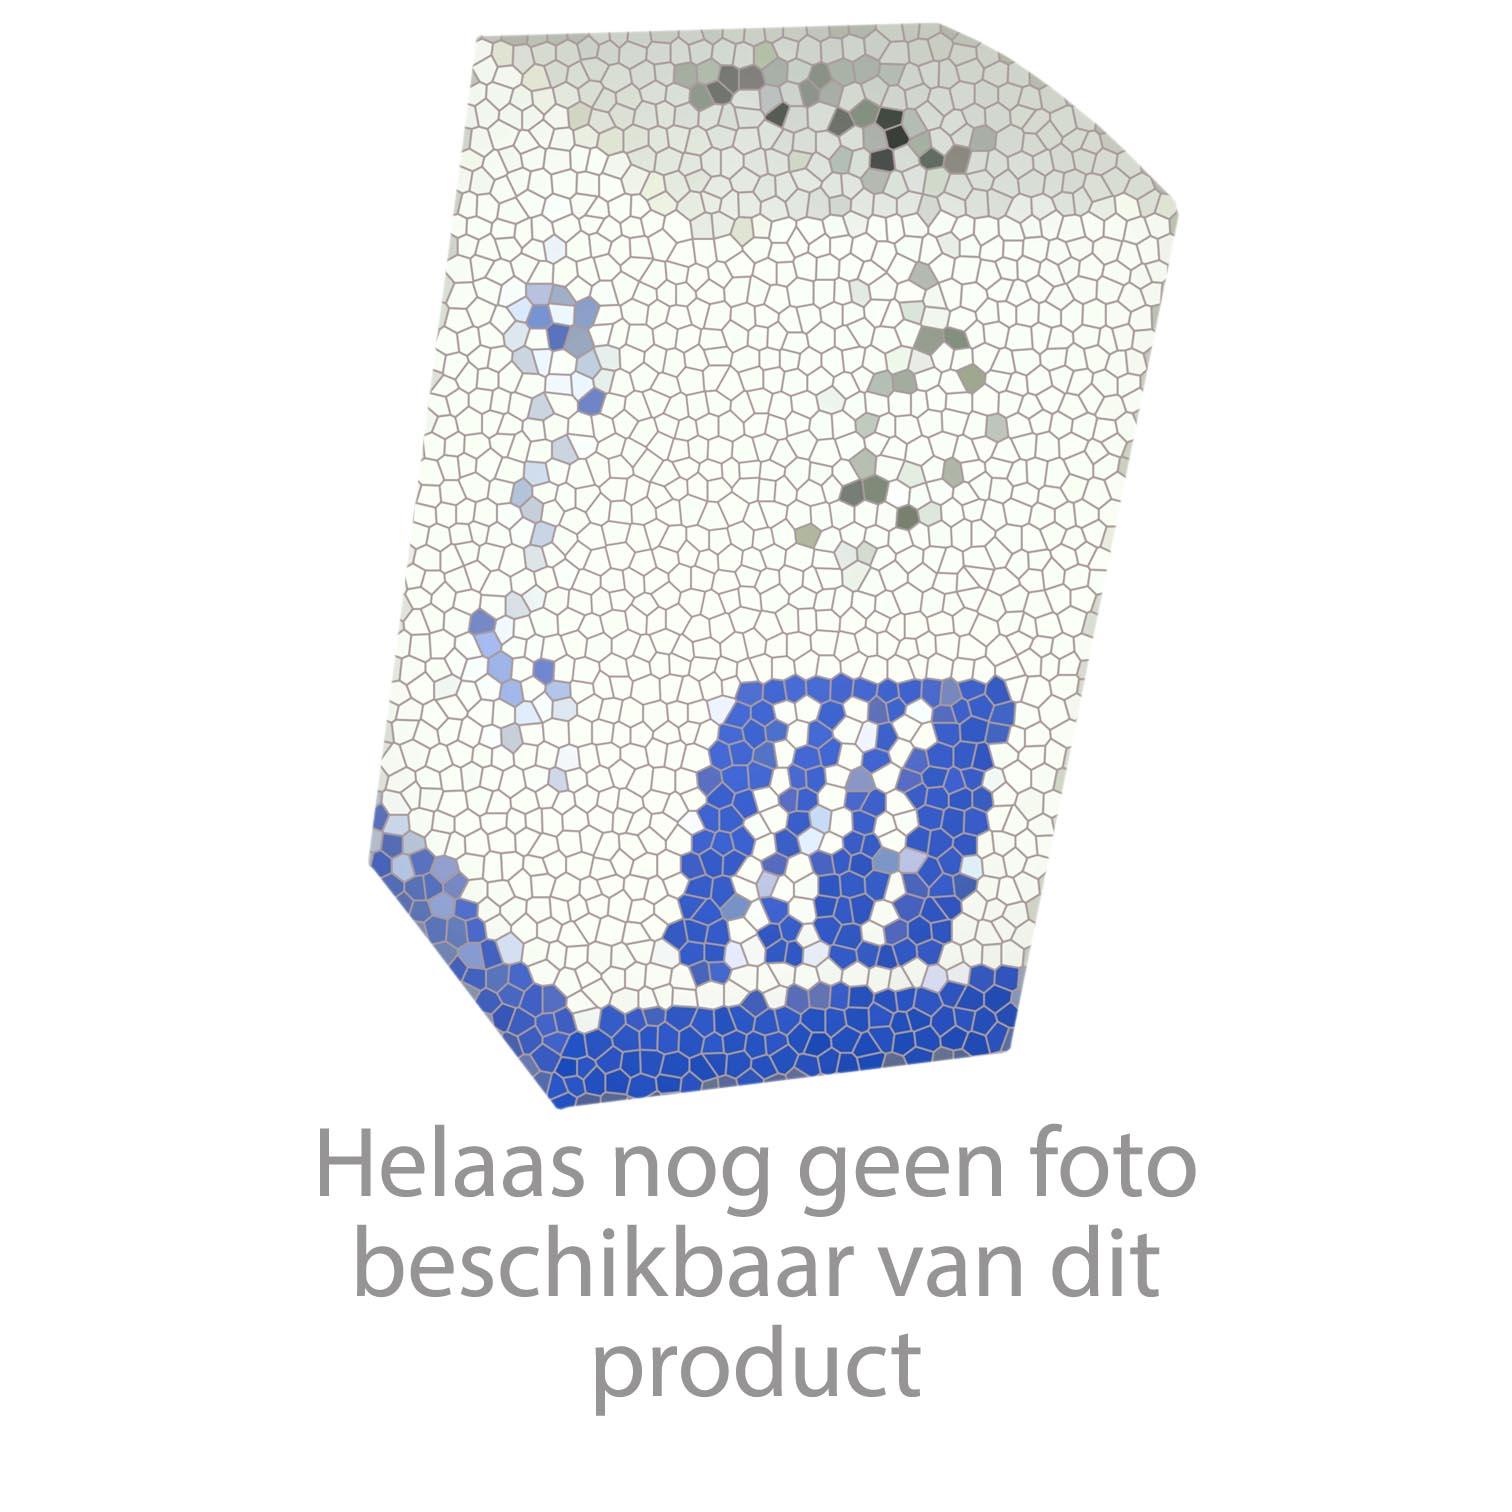 HansGrohe Keukenmengkranen Allegra Linea (Metropol) / Allegra Solida (Metris) productiejaar 10/96 - 12/01 14805 onderdelen